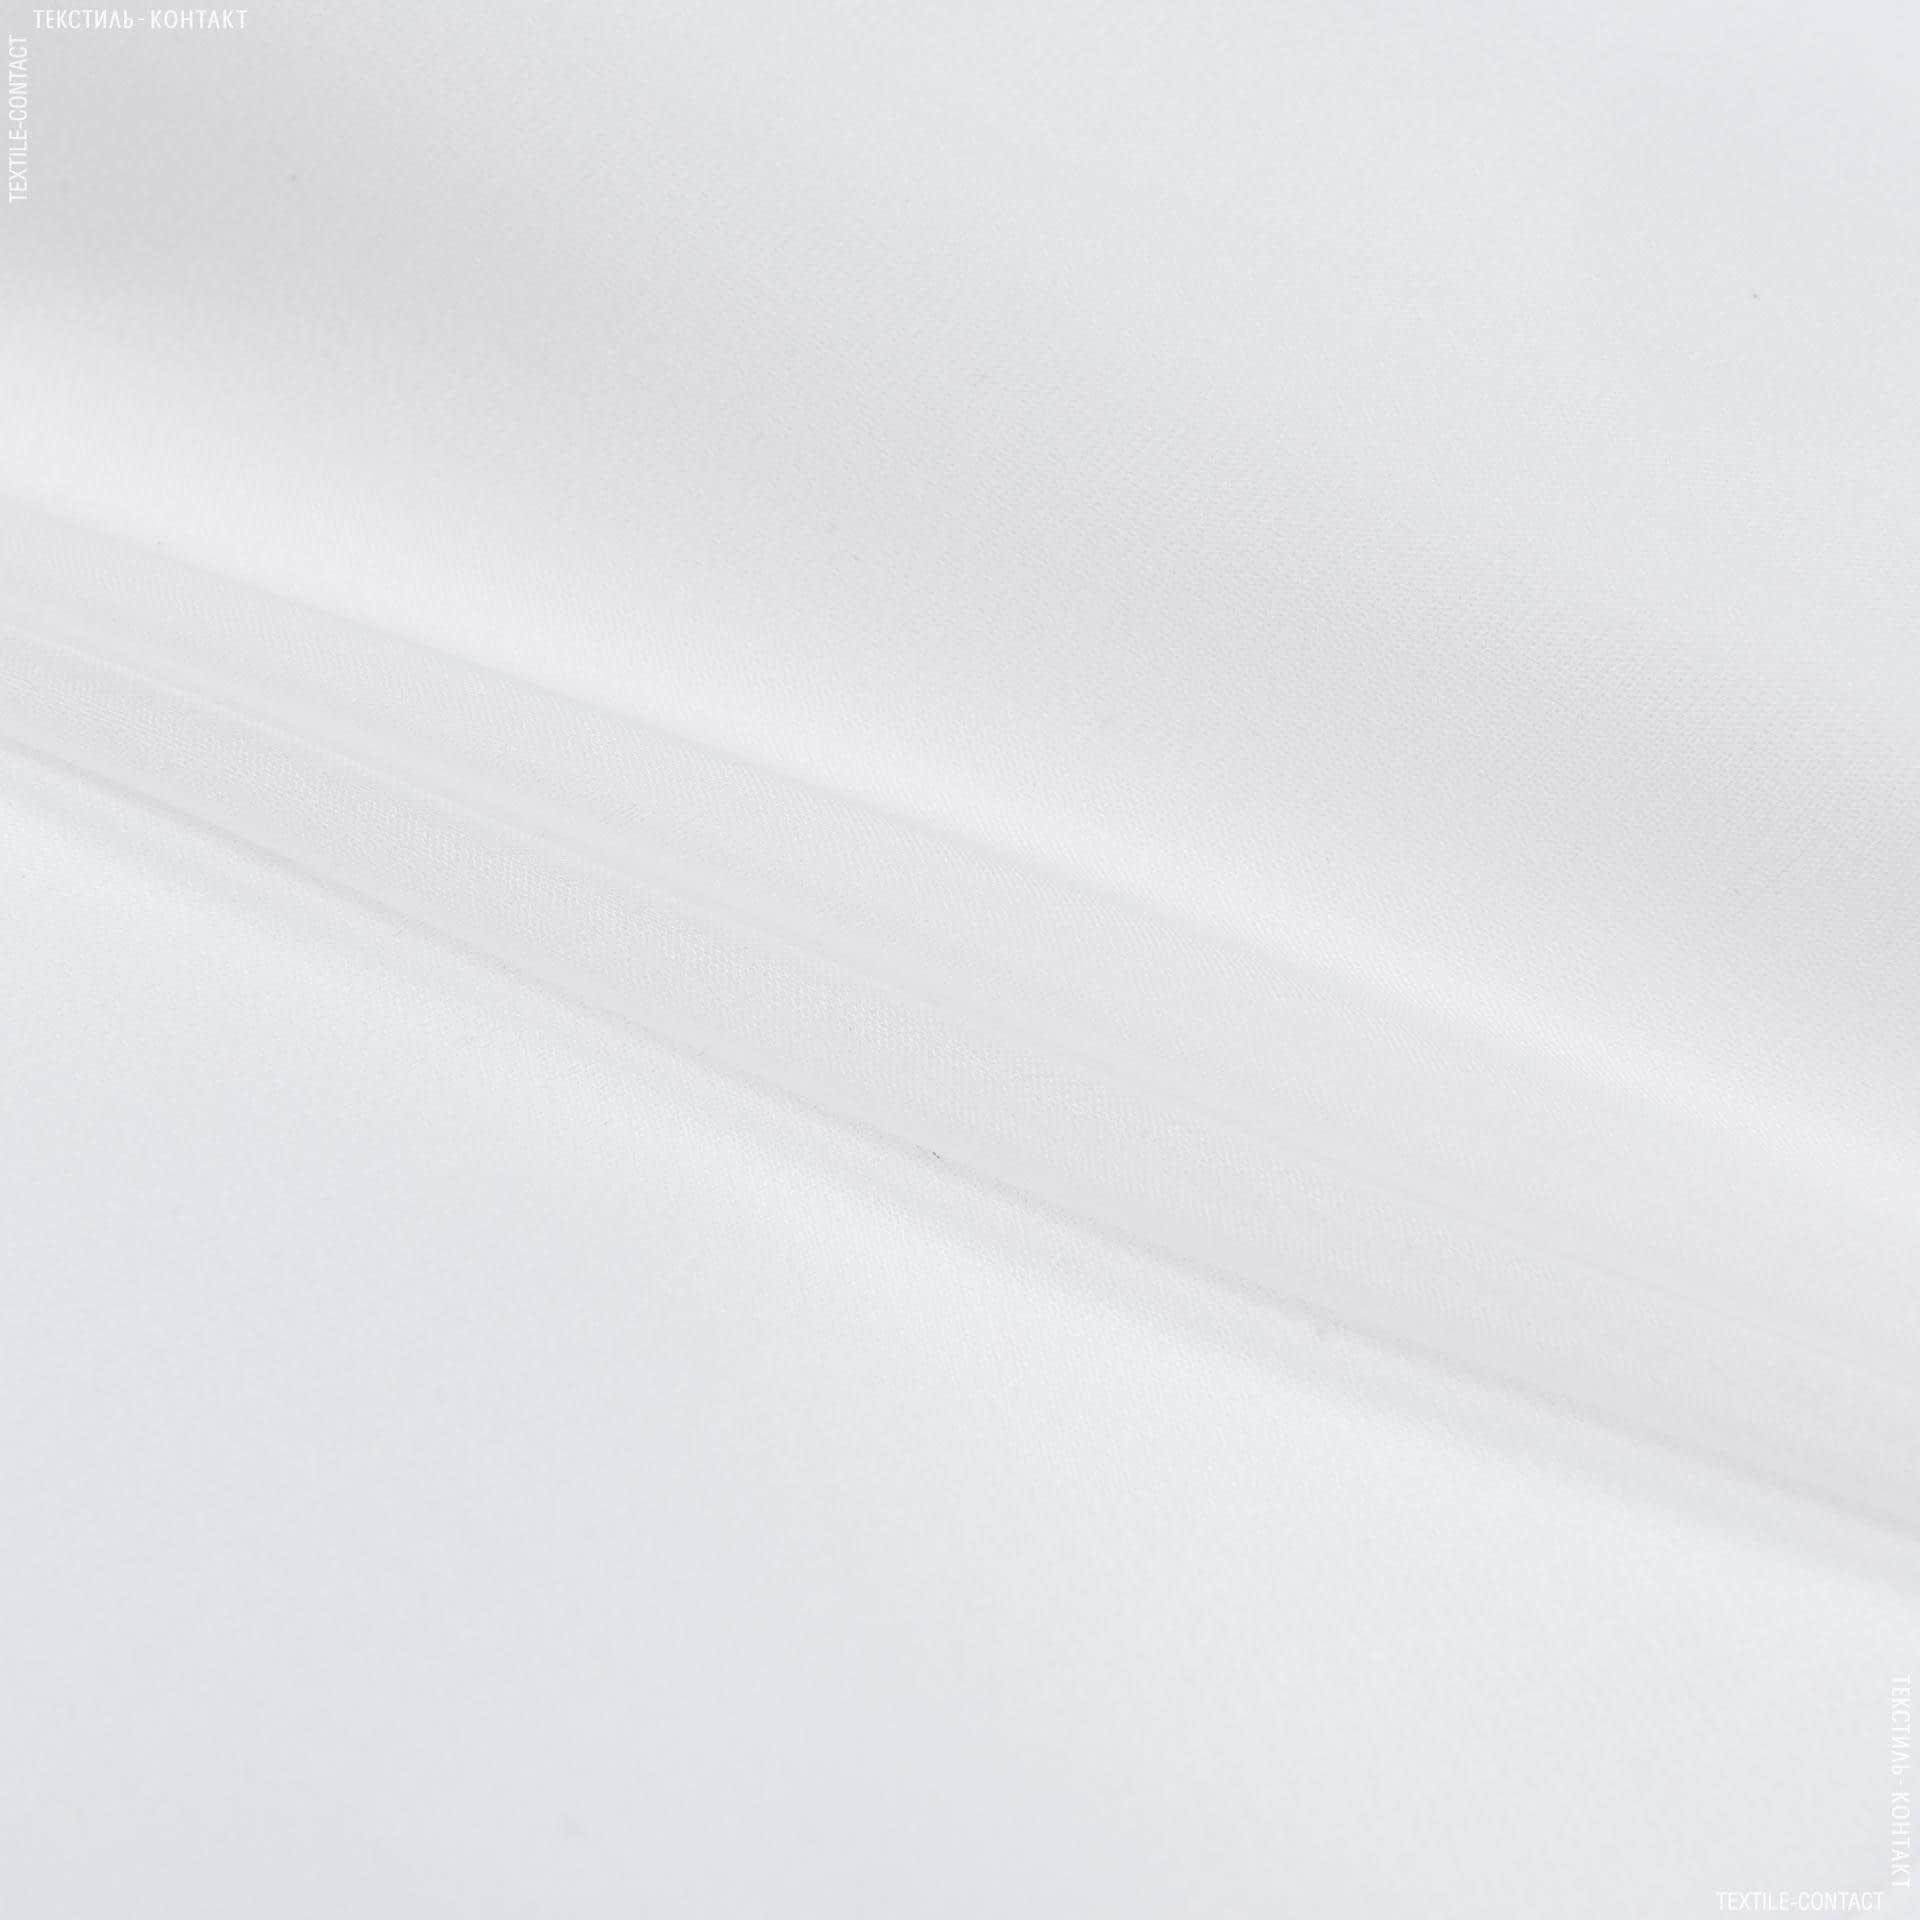 Ткани для платьев - Шелк-органза плотный белый